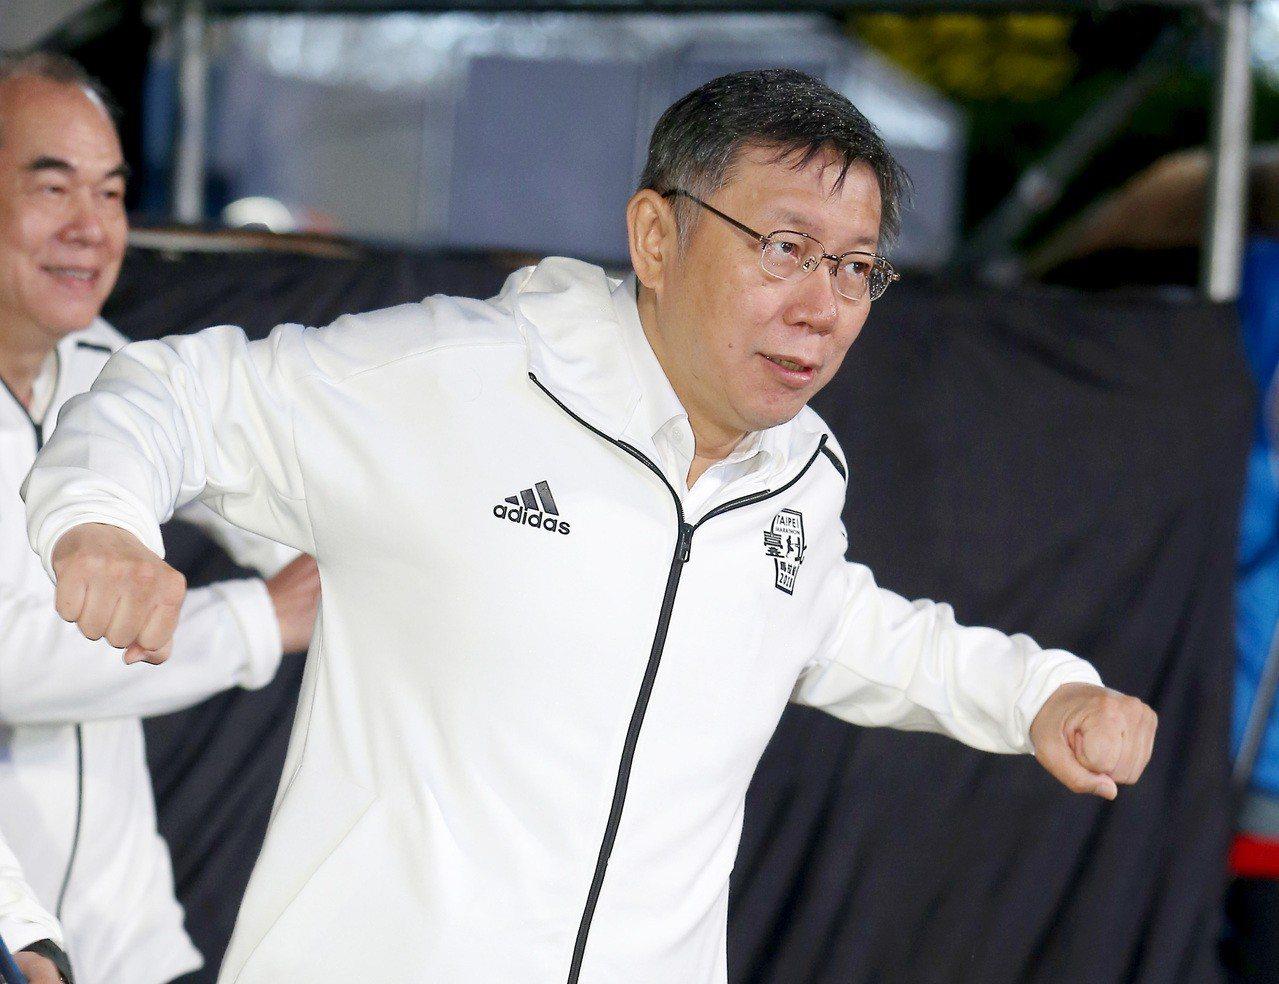 2018台北馬拉松今天在綿綿細雨中登場,台北市長柯文哲到場致詞,為賽事揭開序幕。...